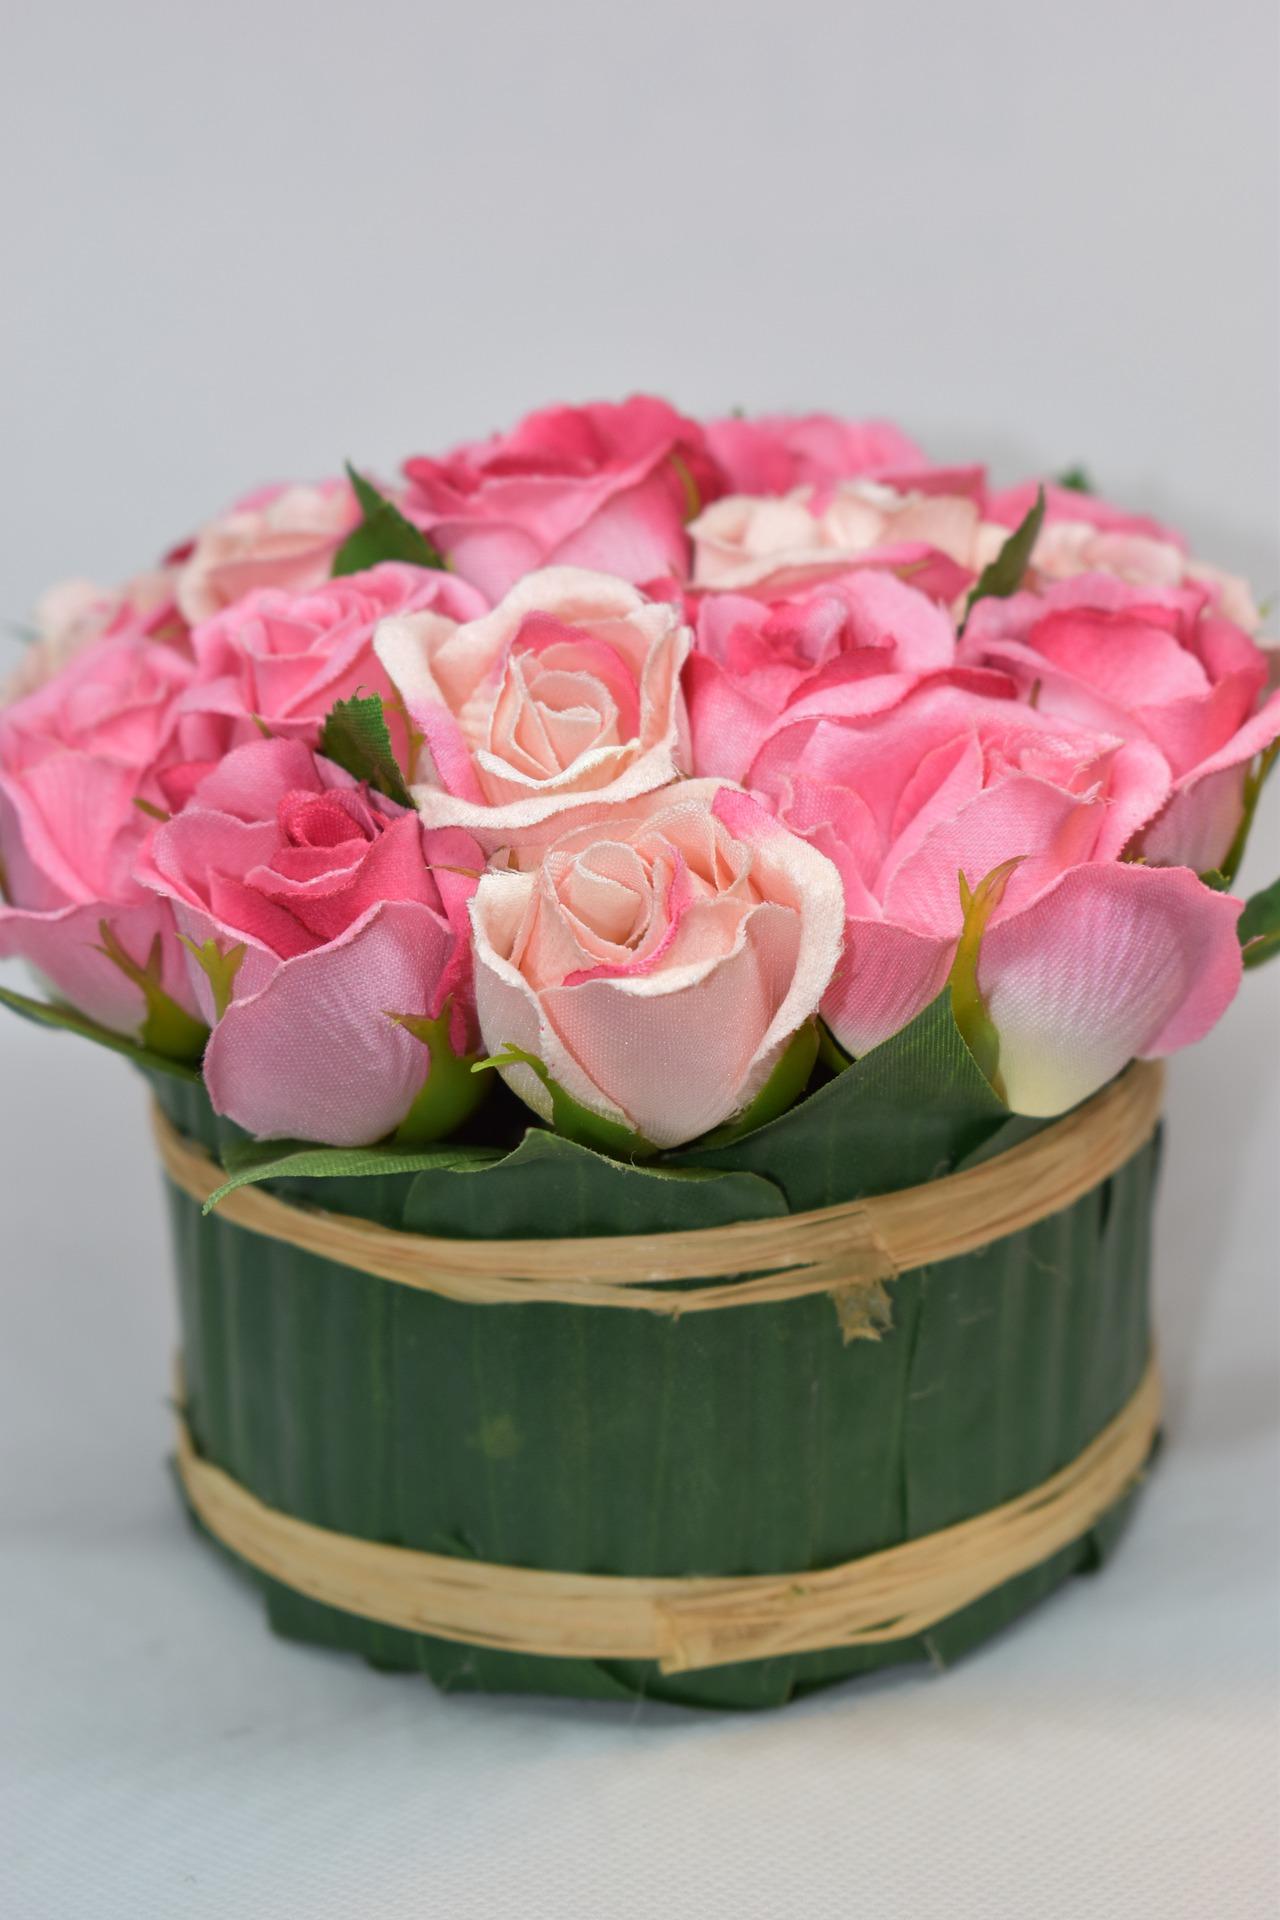 Korzyści z zakupu sztucznych kwiatów w hurtowni kwiatów sztucznych